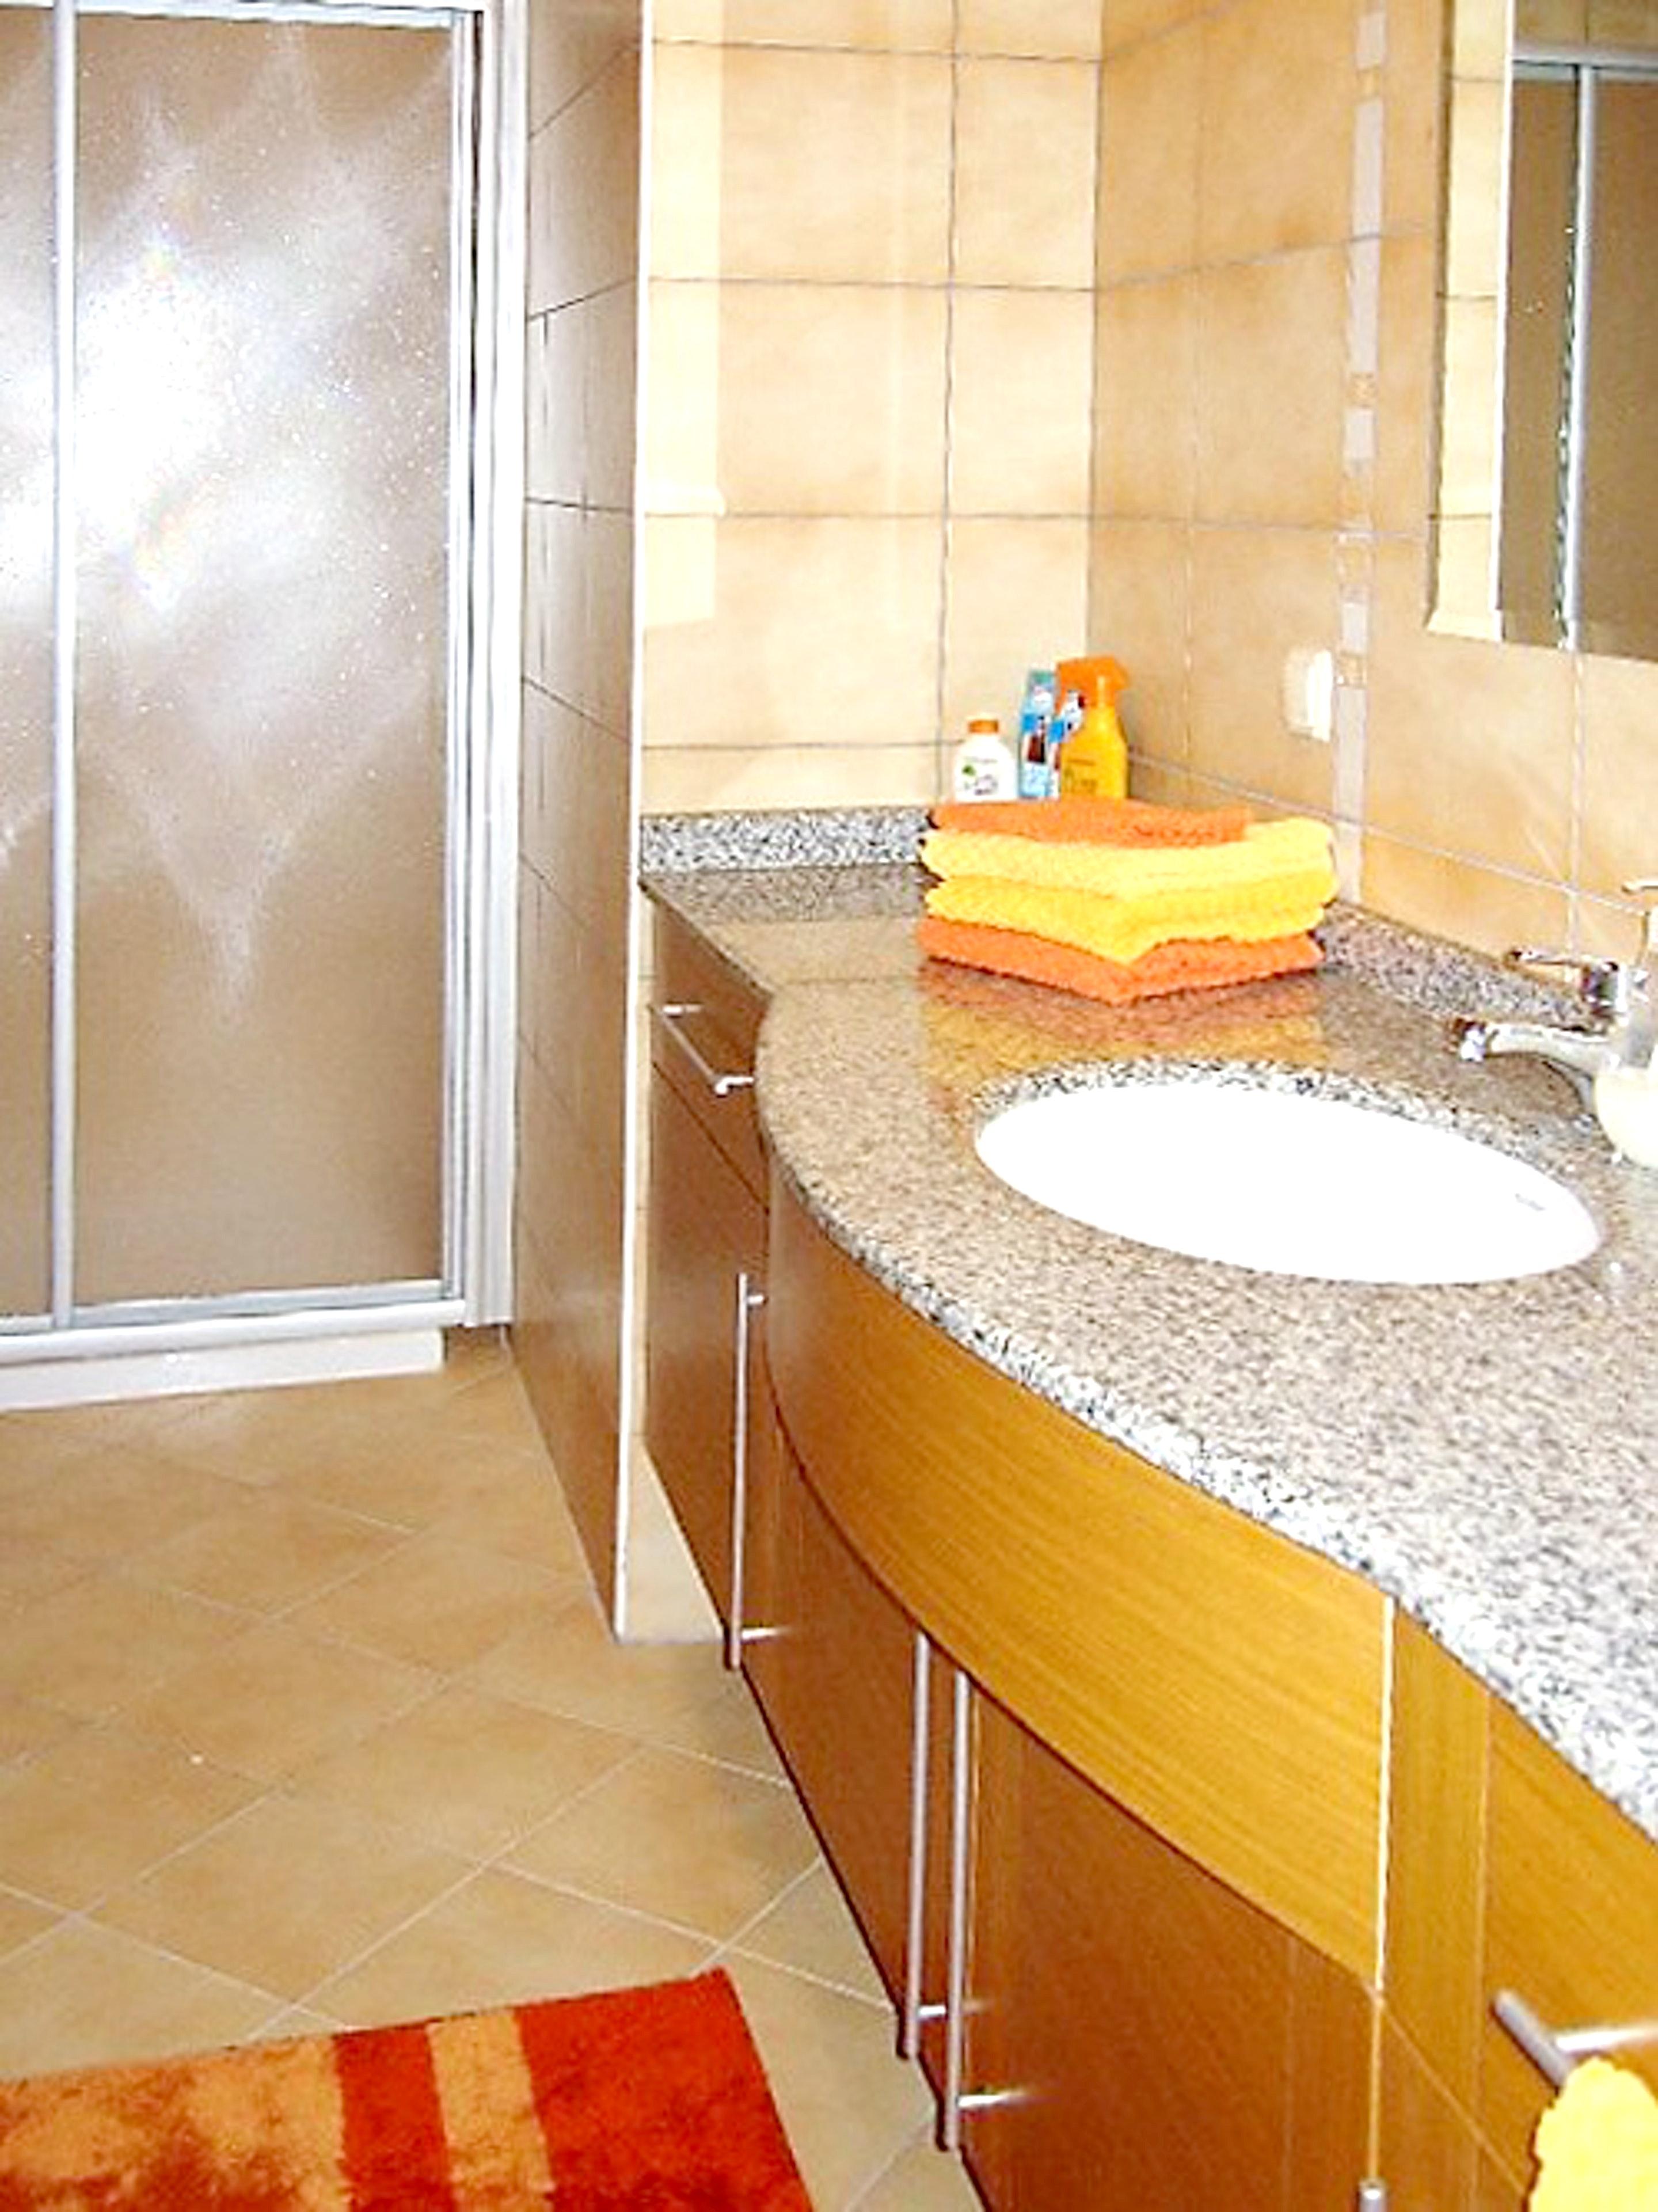 Ferienhaus Villa mit 3 Schlafzimmern in Turgutreis,Bodrum mit herrlichem Meerblick, Pool, eingezäunte (2202326), Turgutreis, , Ägäisregion, Türkei, Bild 24